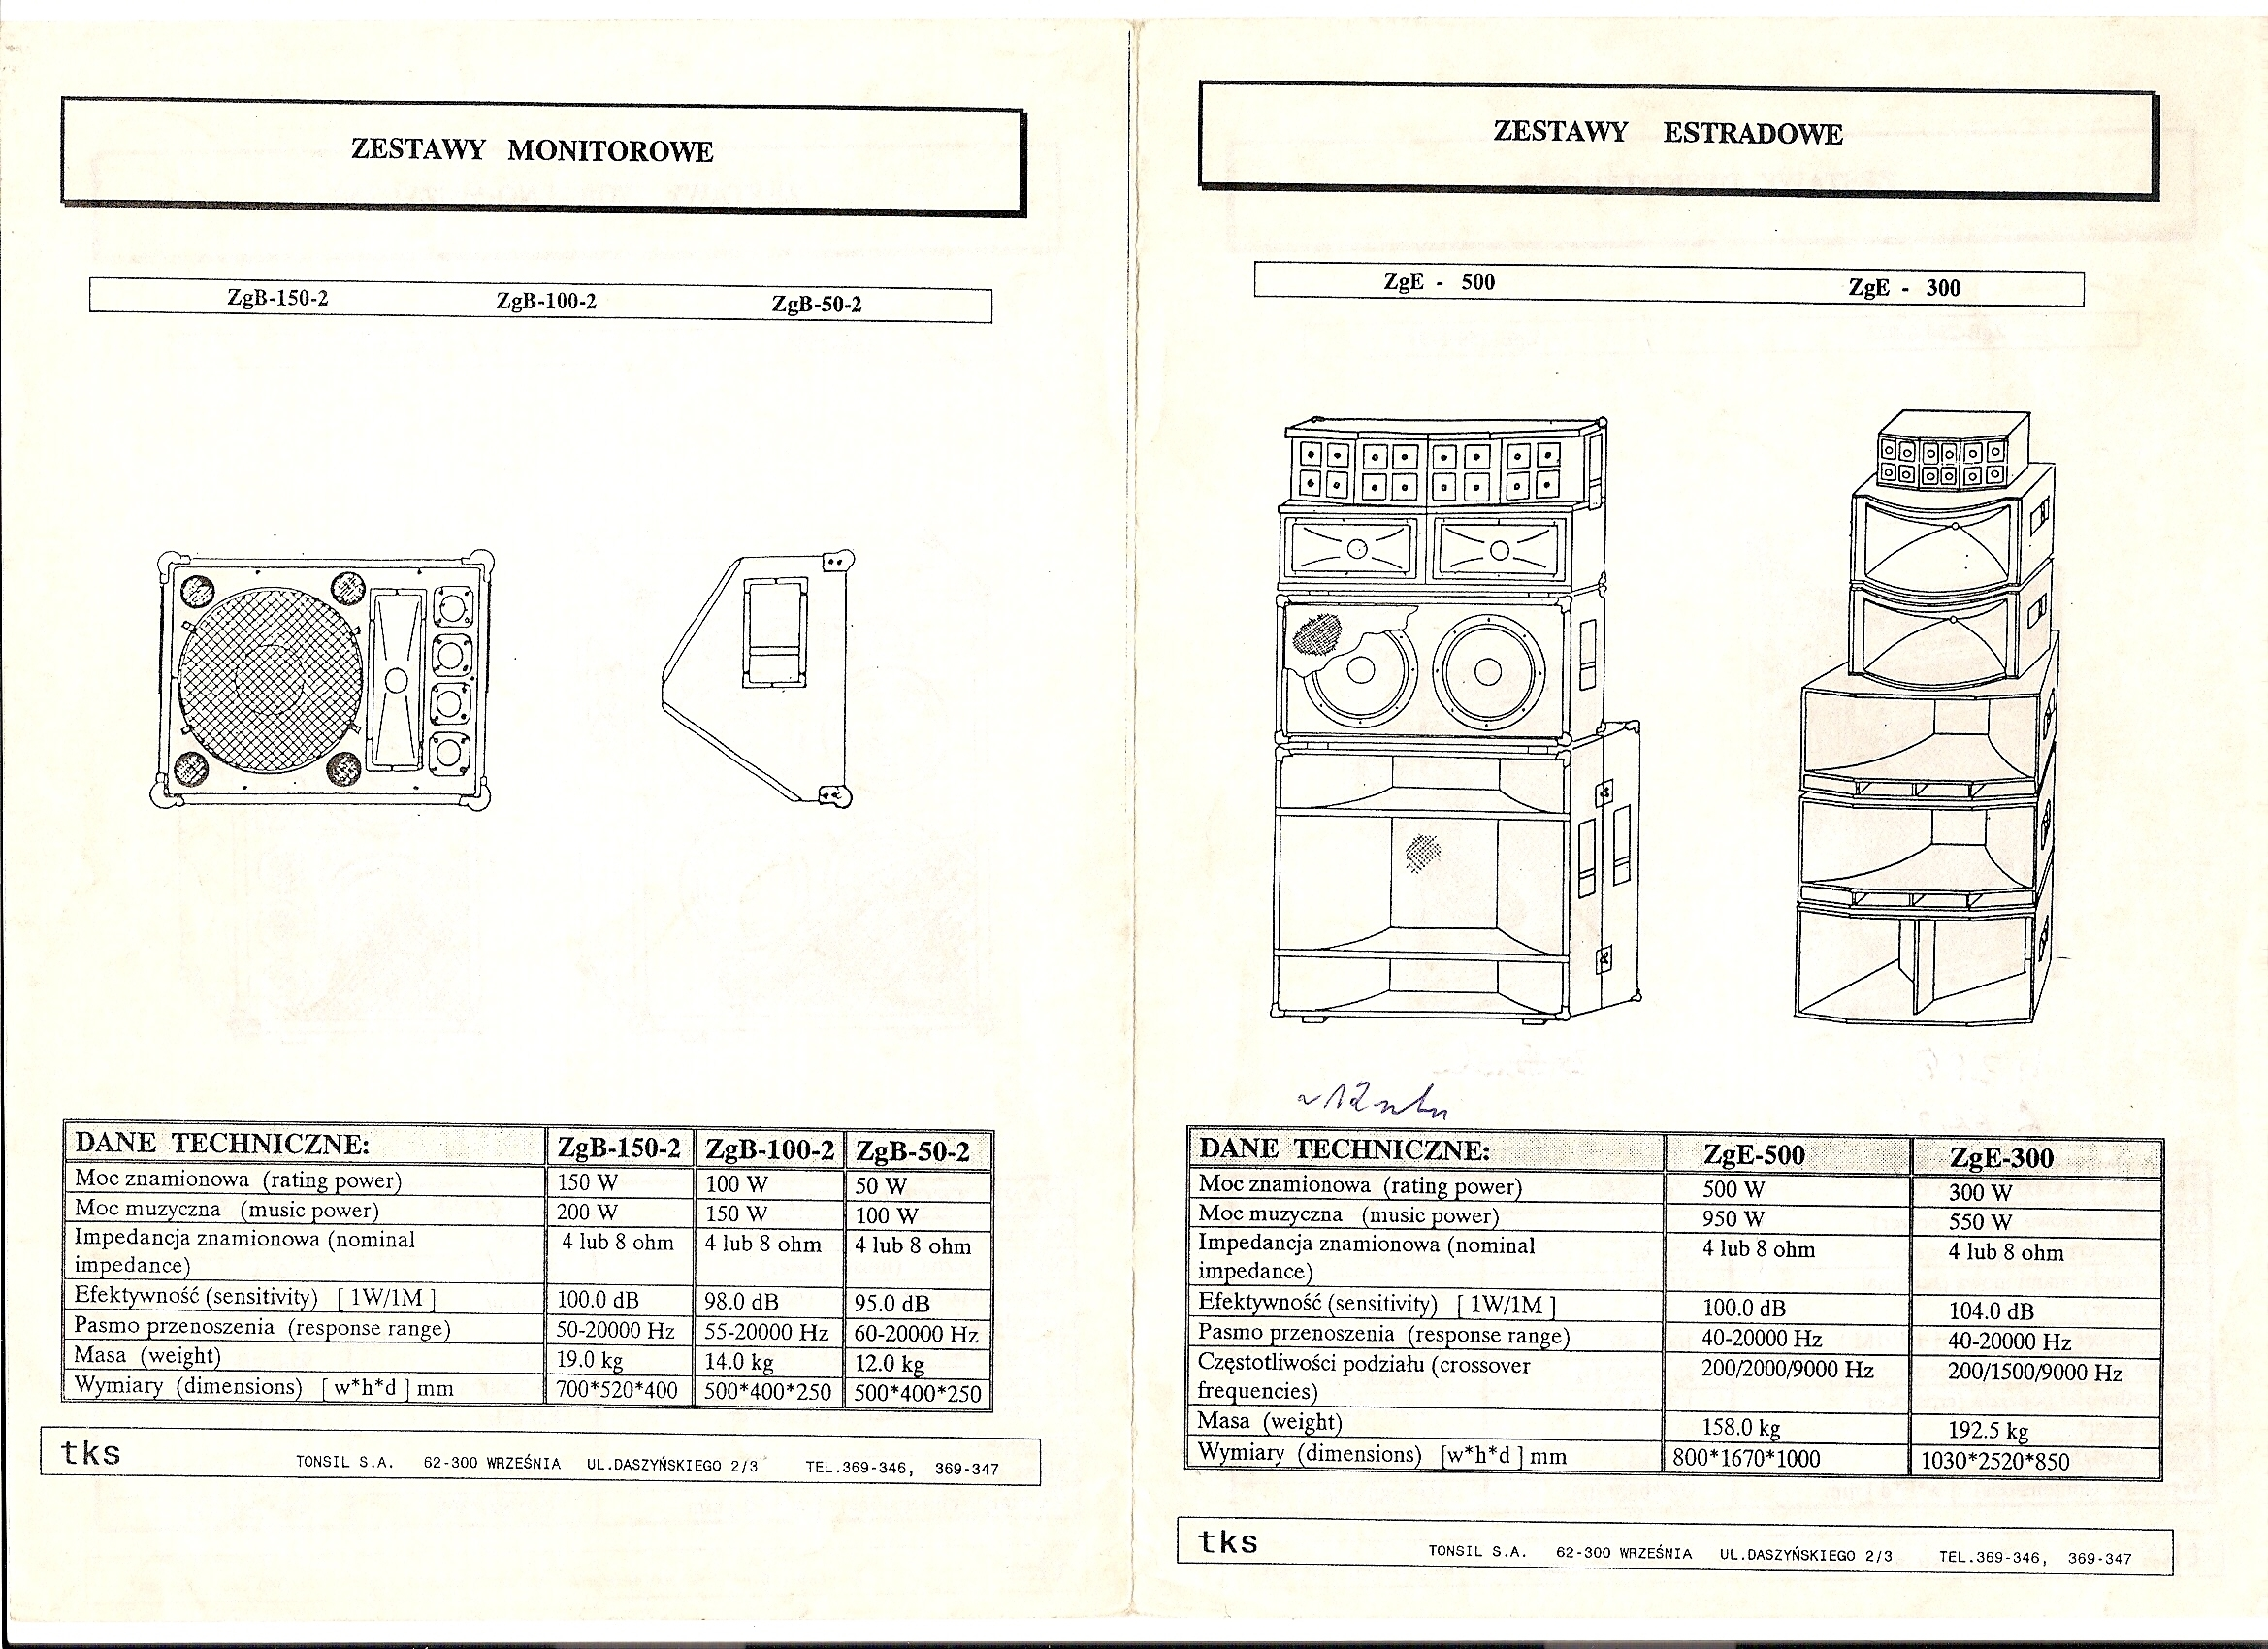 TONSIL ZgE-500 oraz ZgE-300 zestawy estradowe - ODBUDOWA.